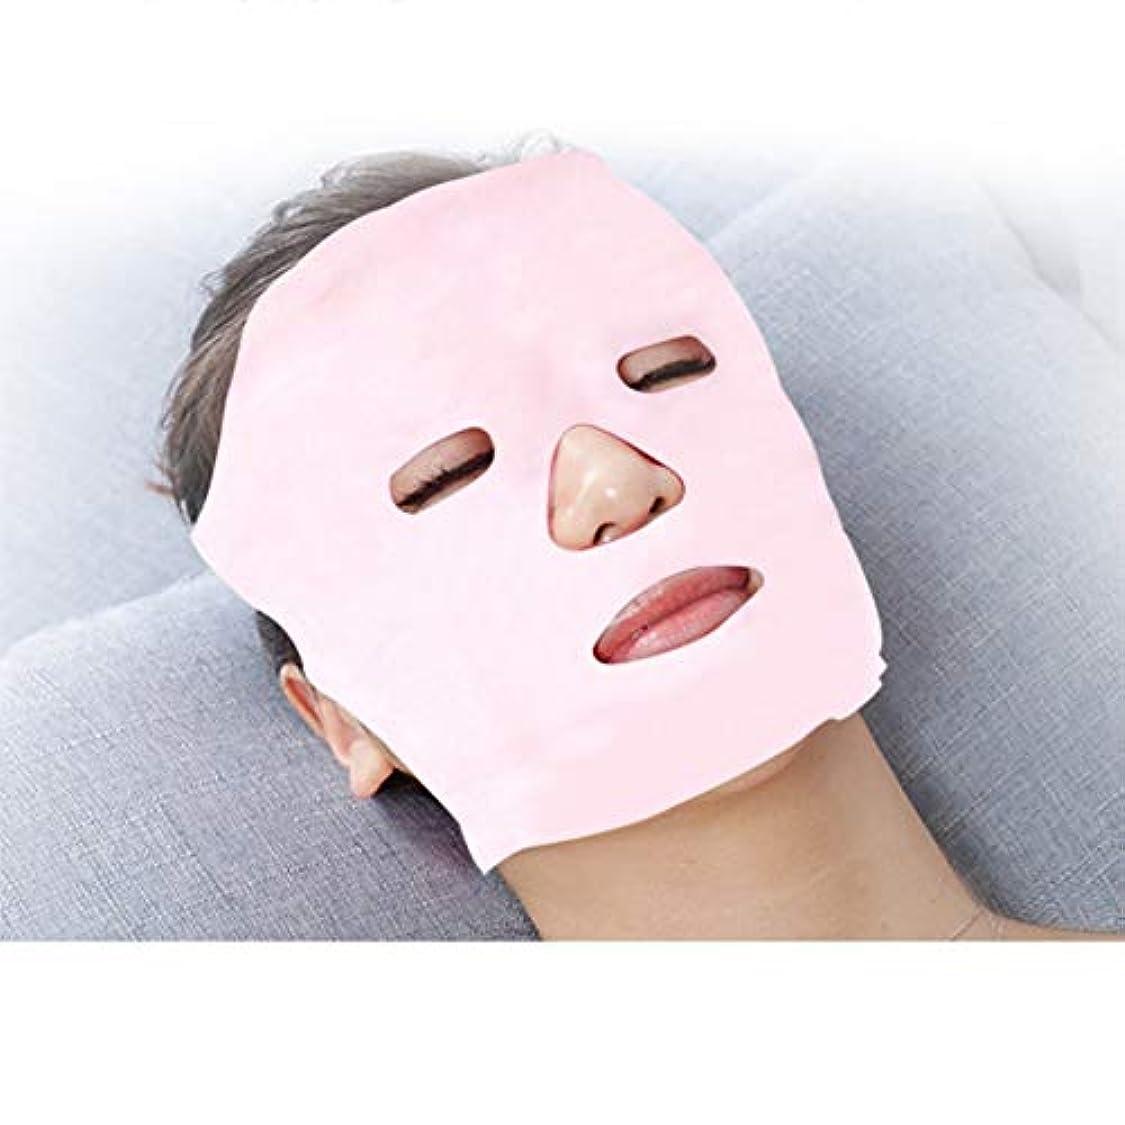 大胆溶岩晴れトルマリンジェル マグネットマスク マッサージマスク 颜美容 フェイスマスク 薄い顔 肤色を明るく ヘルスケアマスク 磁気 ェイスポーチ Cutelove